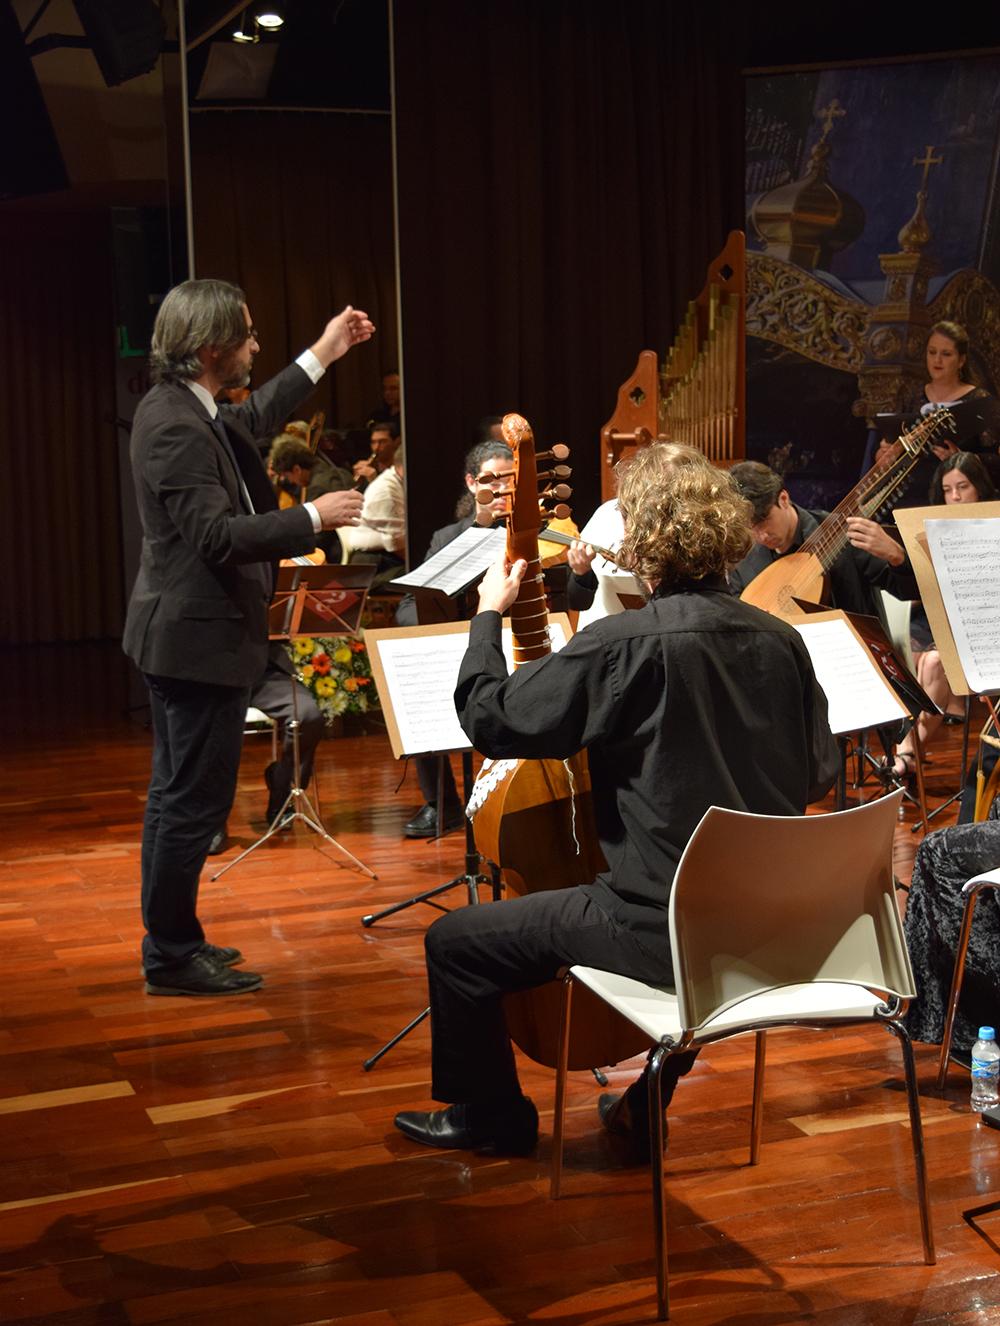 Orquestra Canção das Iluminuras emociona público com repertório renascentista.